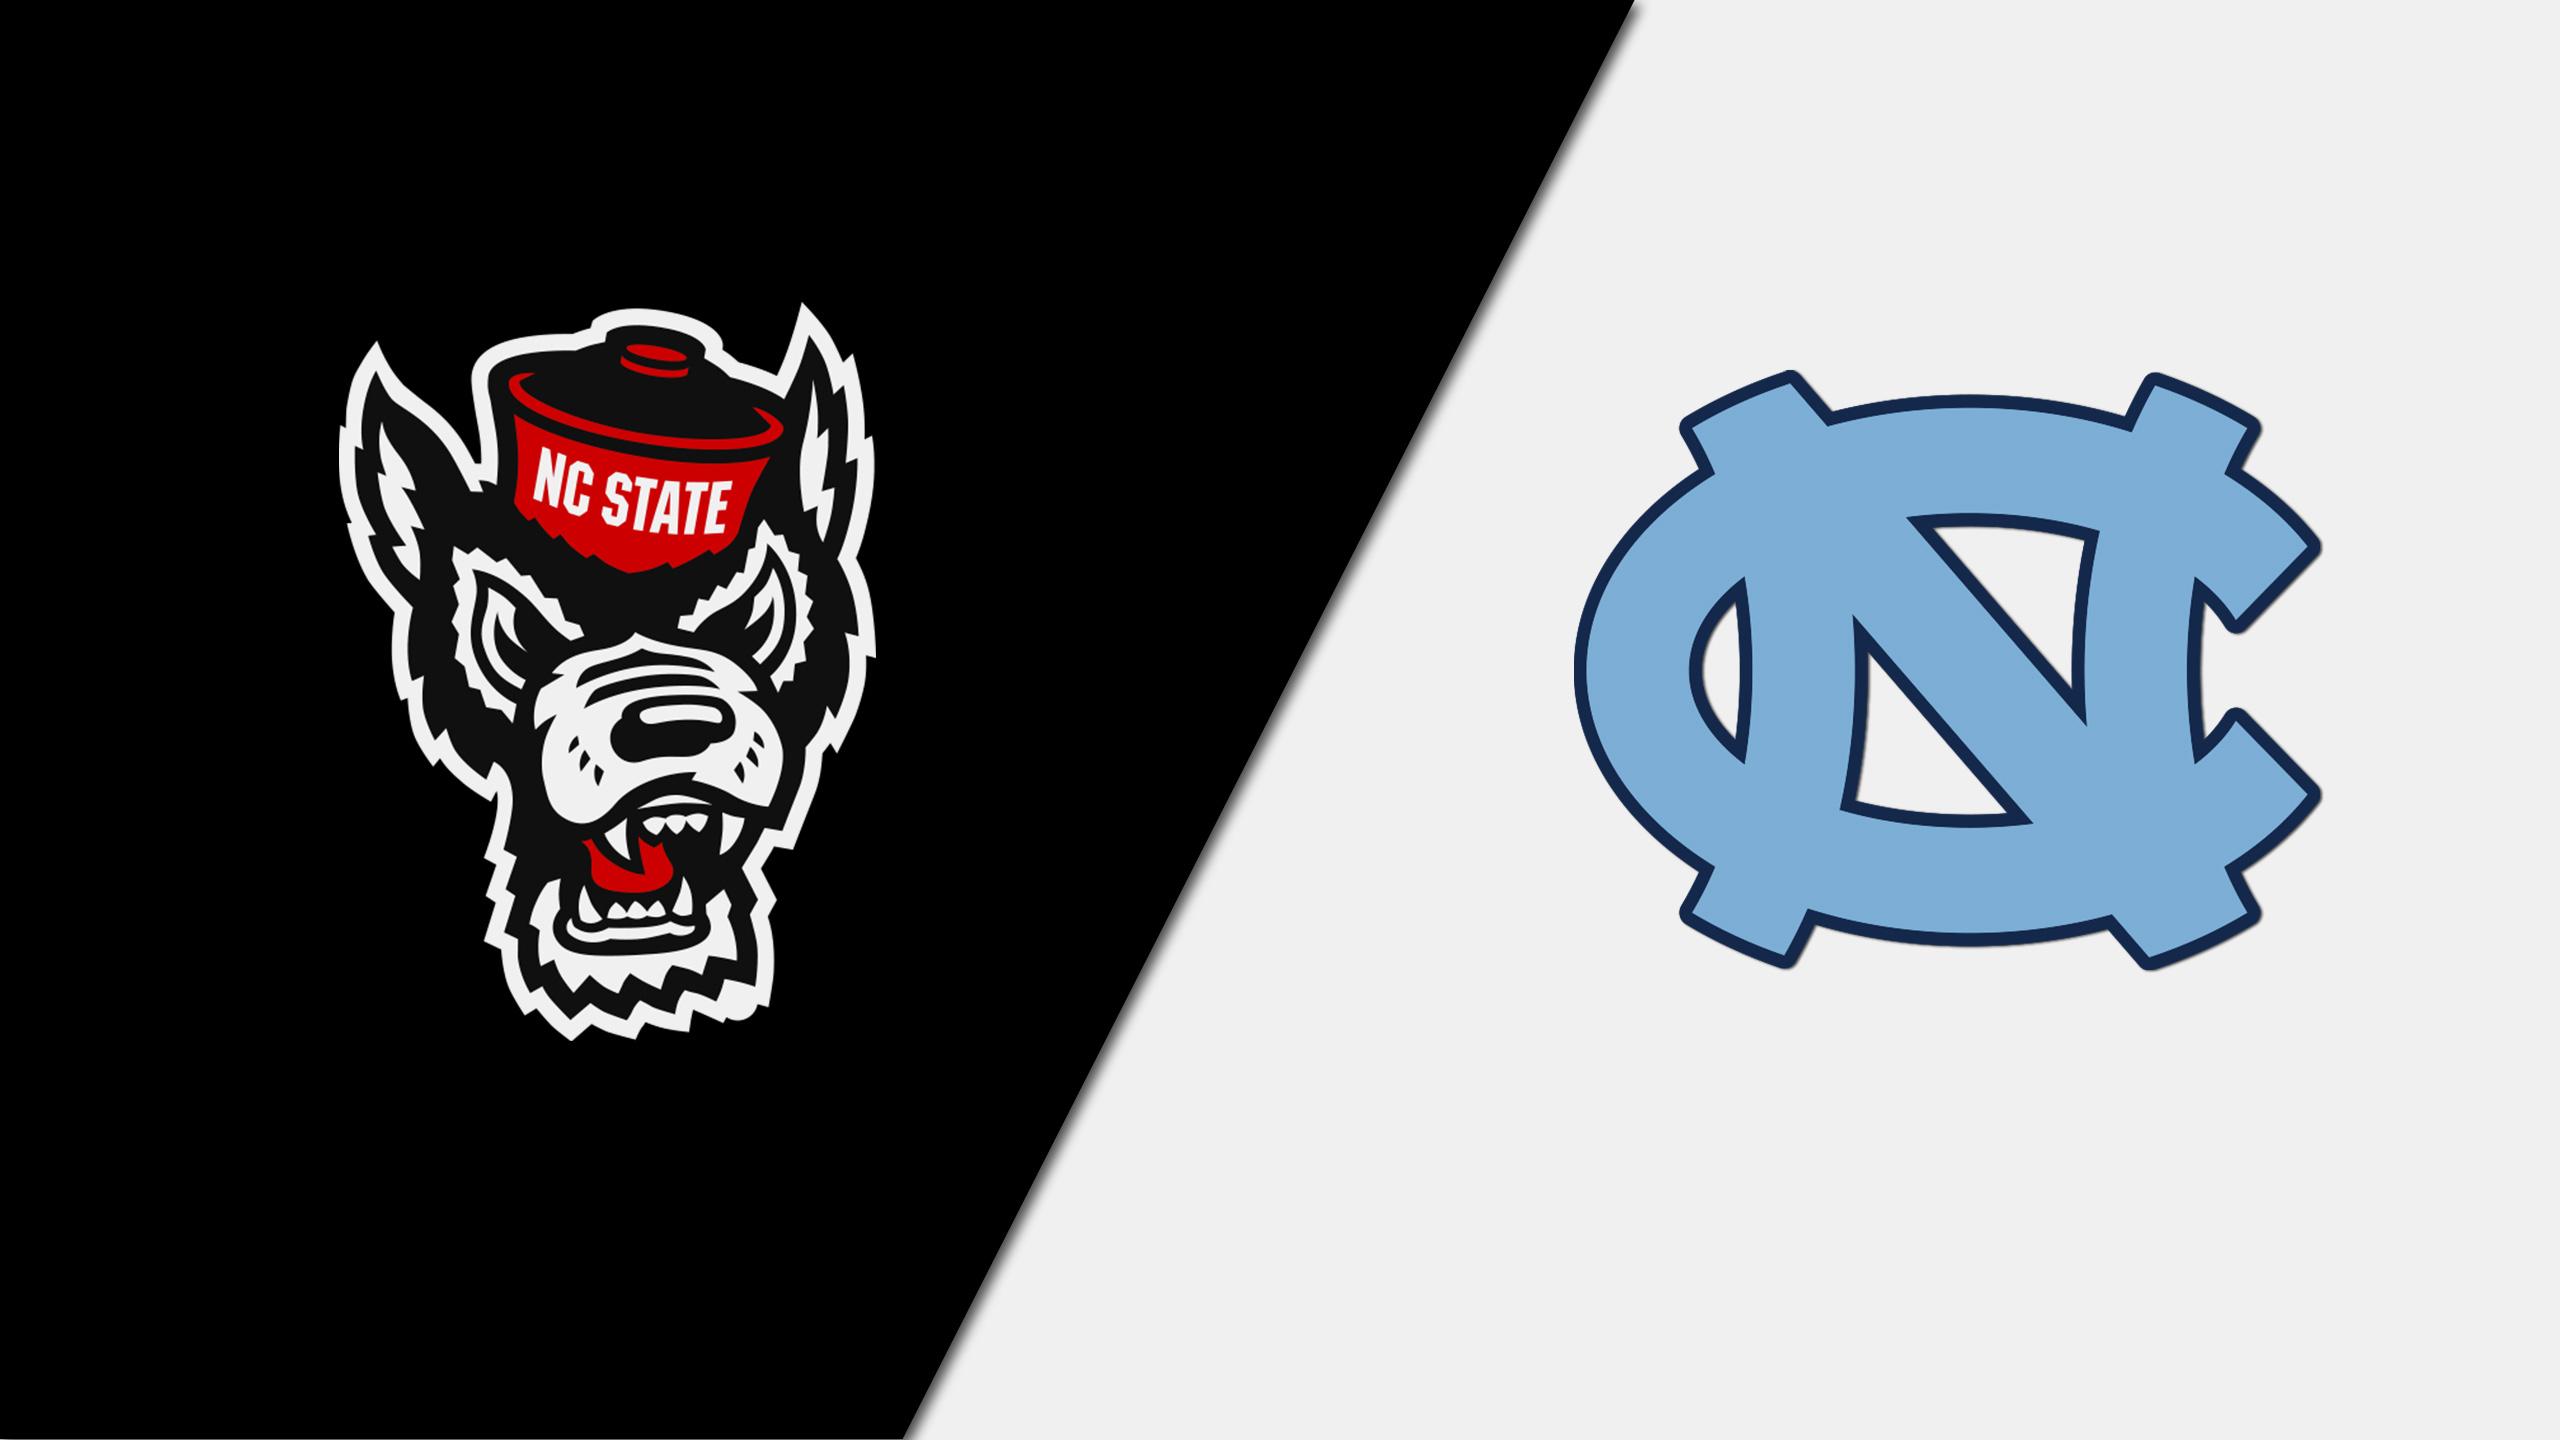 NC State vs. North Carolina